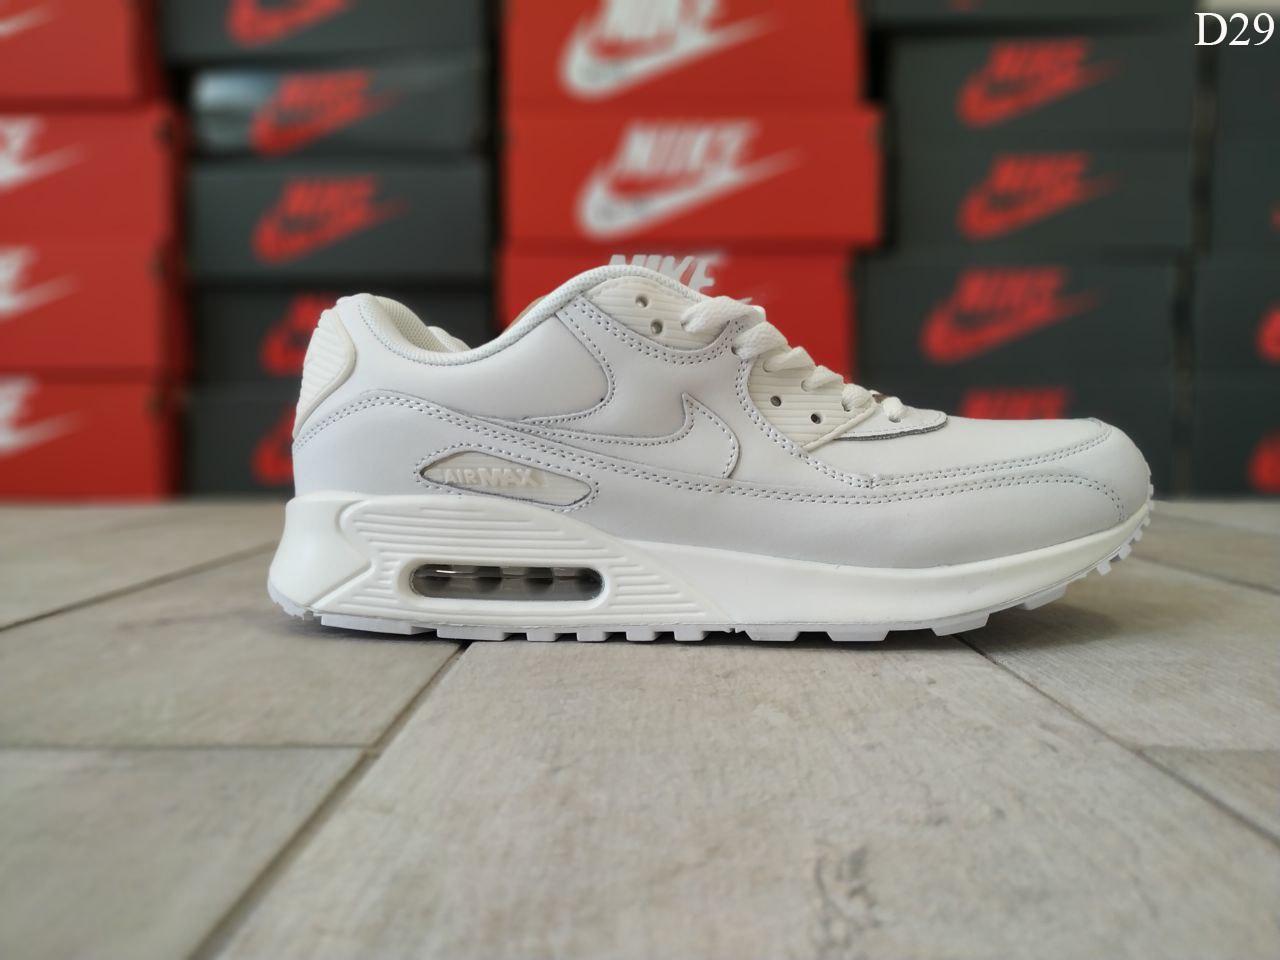 Чоловічі демісезонні кросівки Nike Air Max 90 (Білі) D29